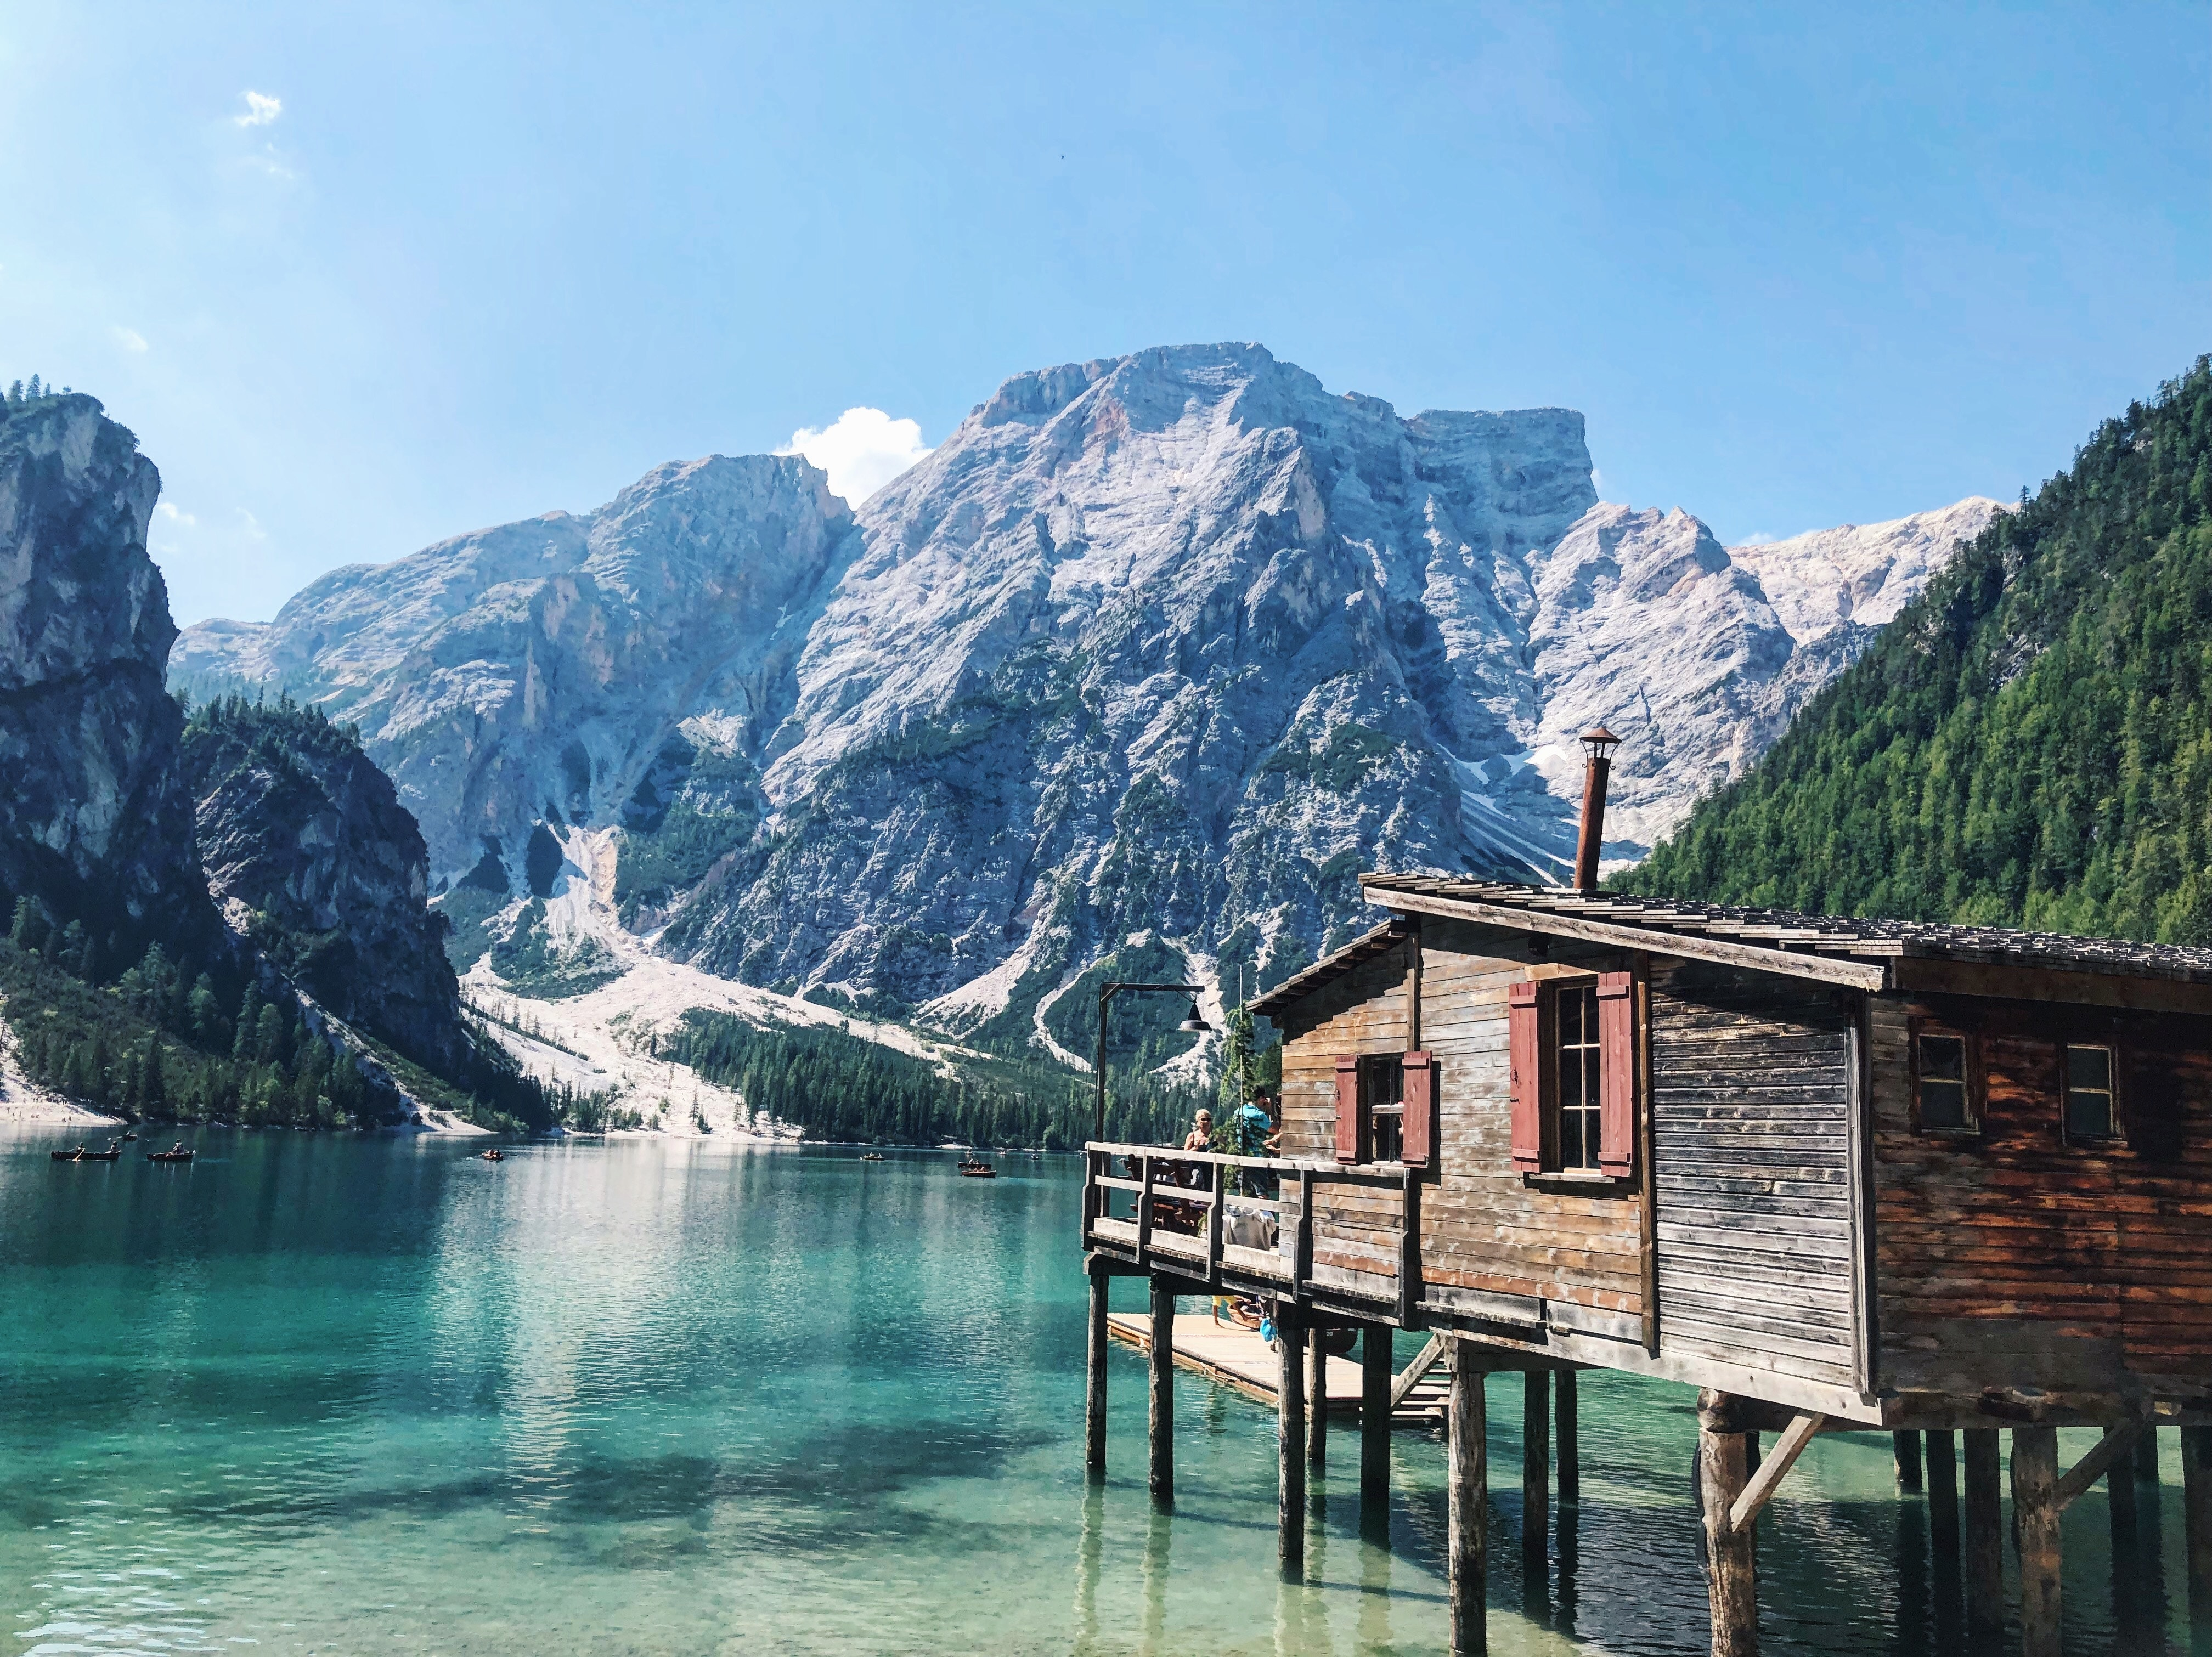 ทัวร์อิตาลี อุทยานแห่งชาติโดโลไมท์ (Dolomites)